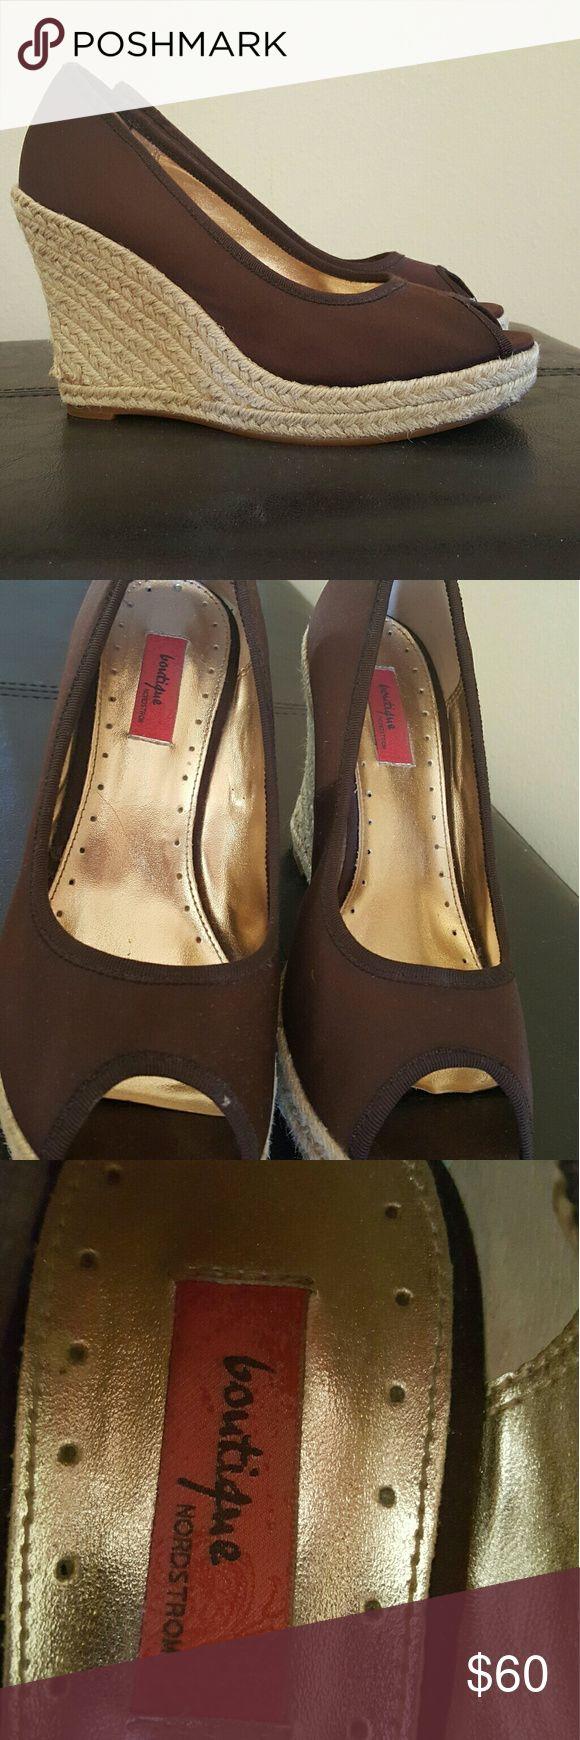 Nordstrom Boutique peep toe wedges Brown peep toe wedges Nordstrom Boutique Nordstrom Shoes Wedges